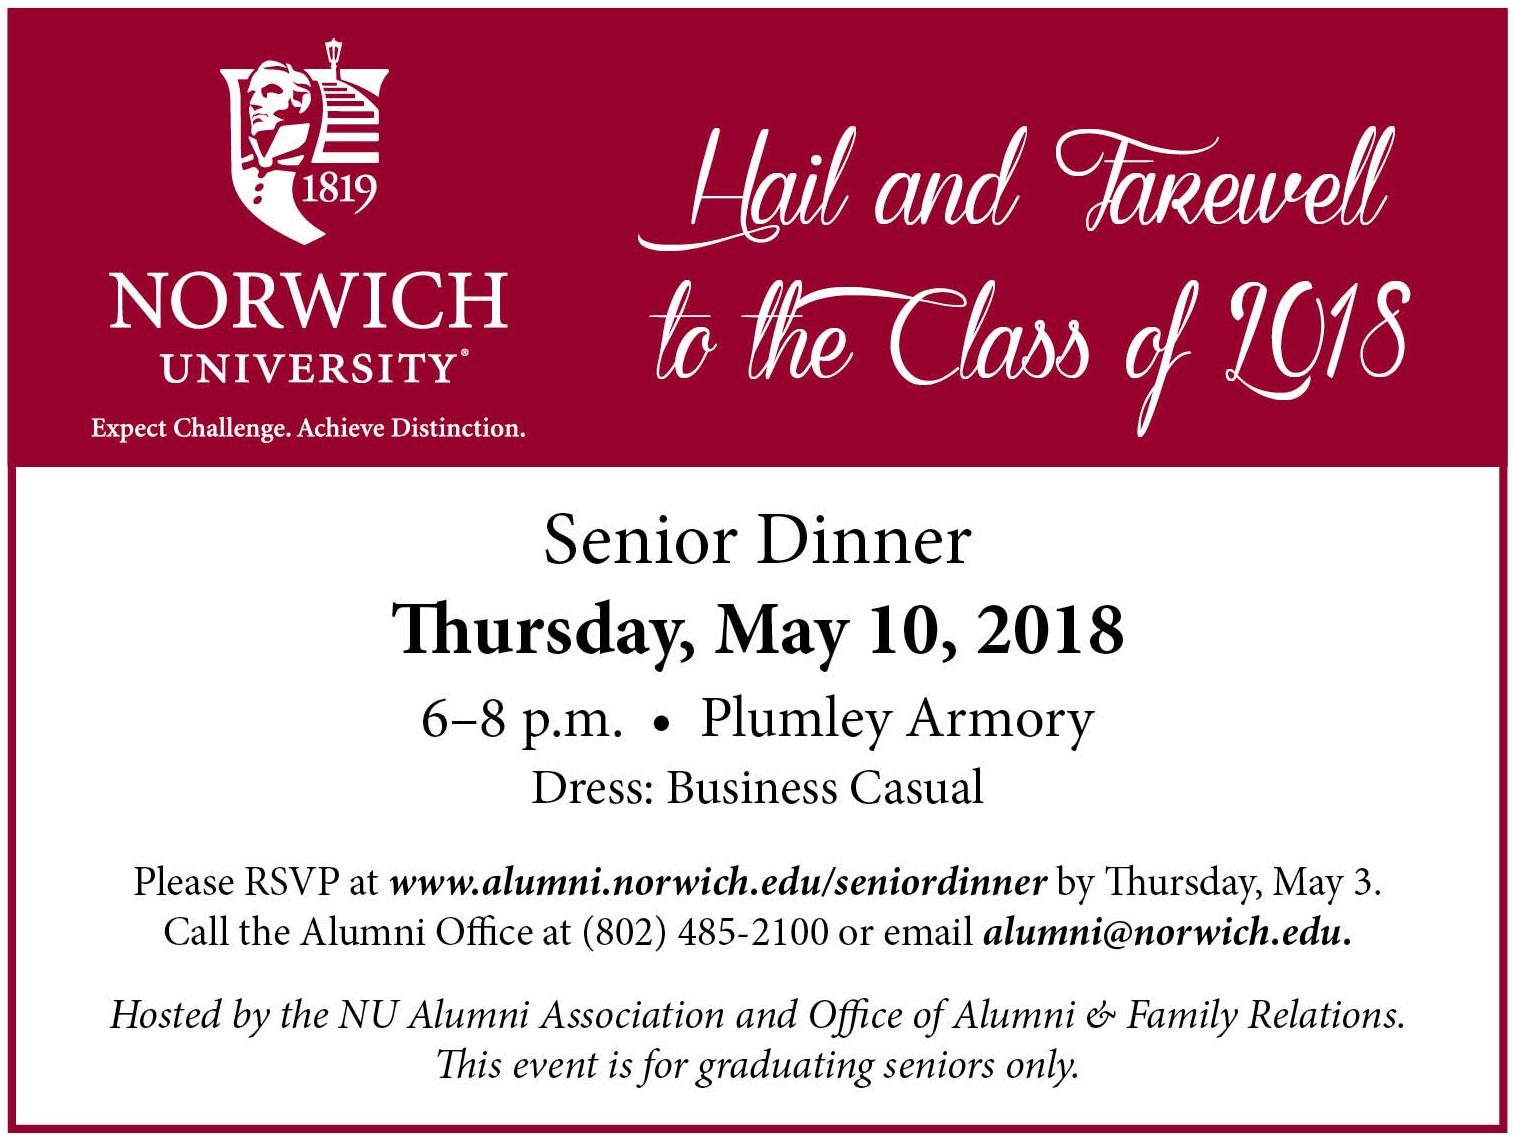 Senior Dinner 2018 Details